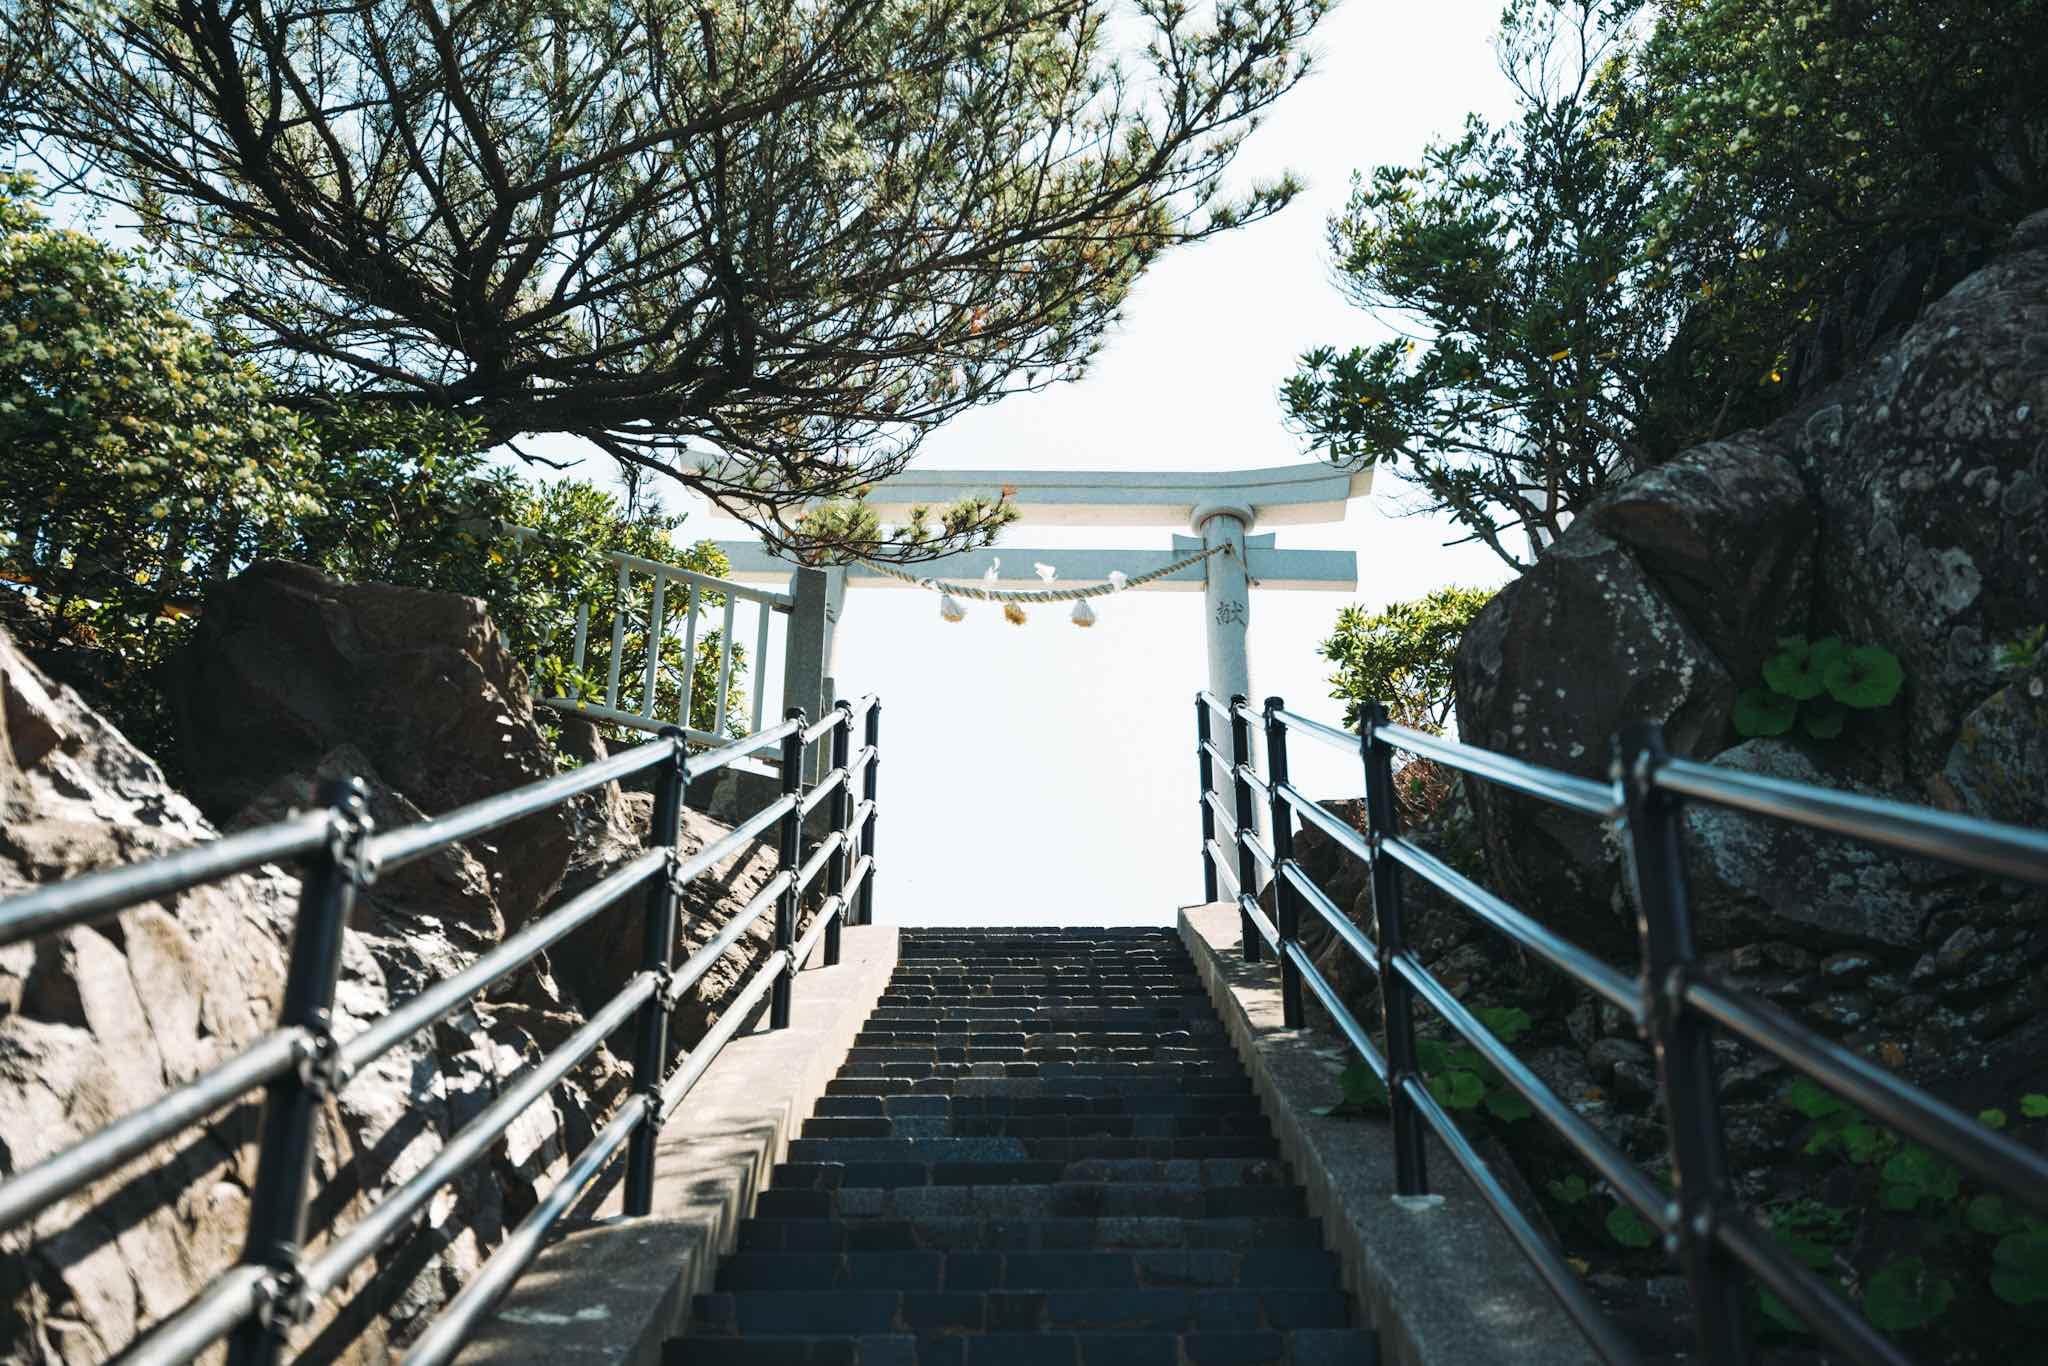 【高知日帰り旅】桂浜で眺める太平洋、心身ともに休まる